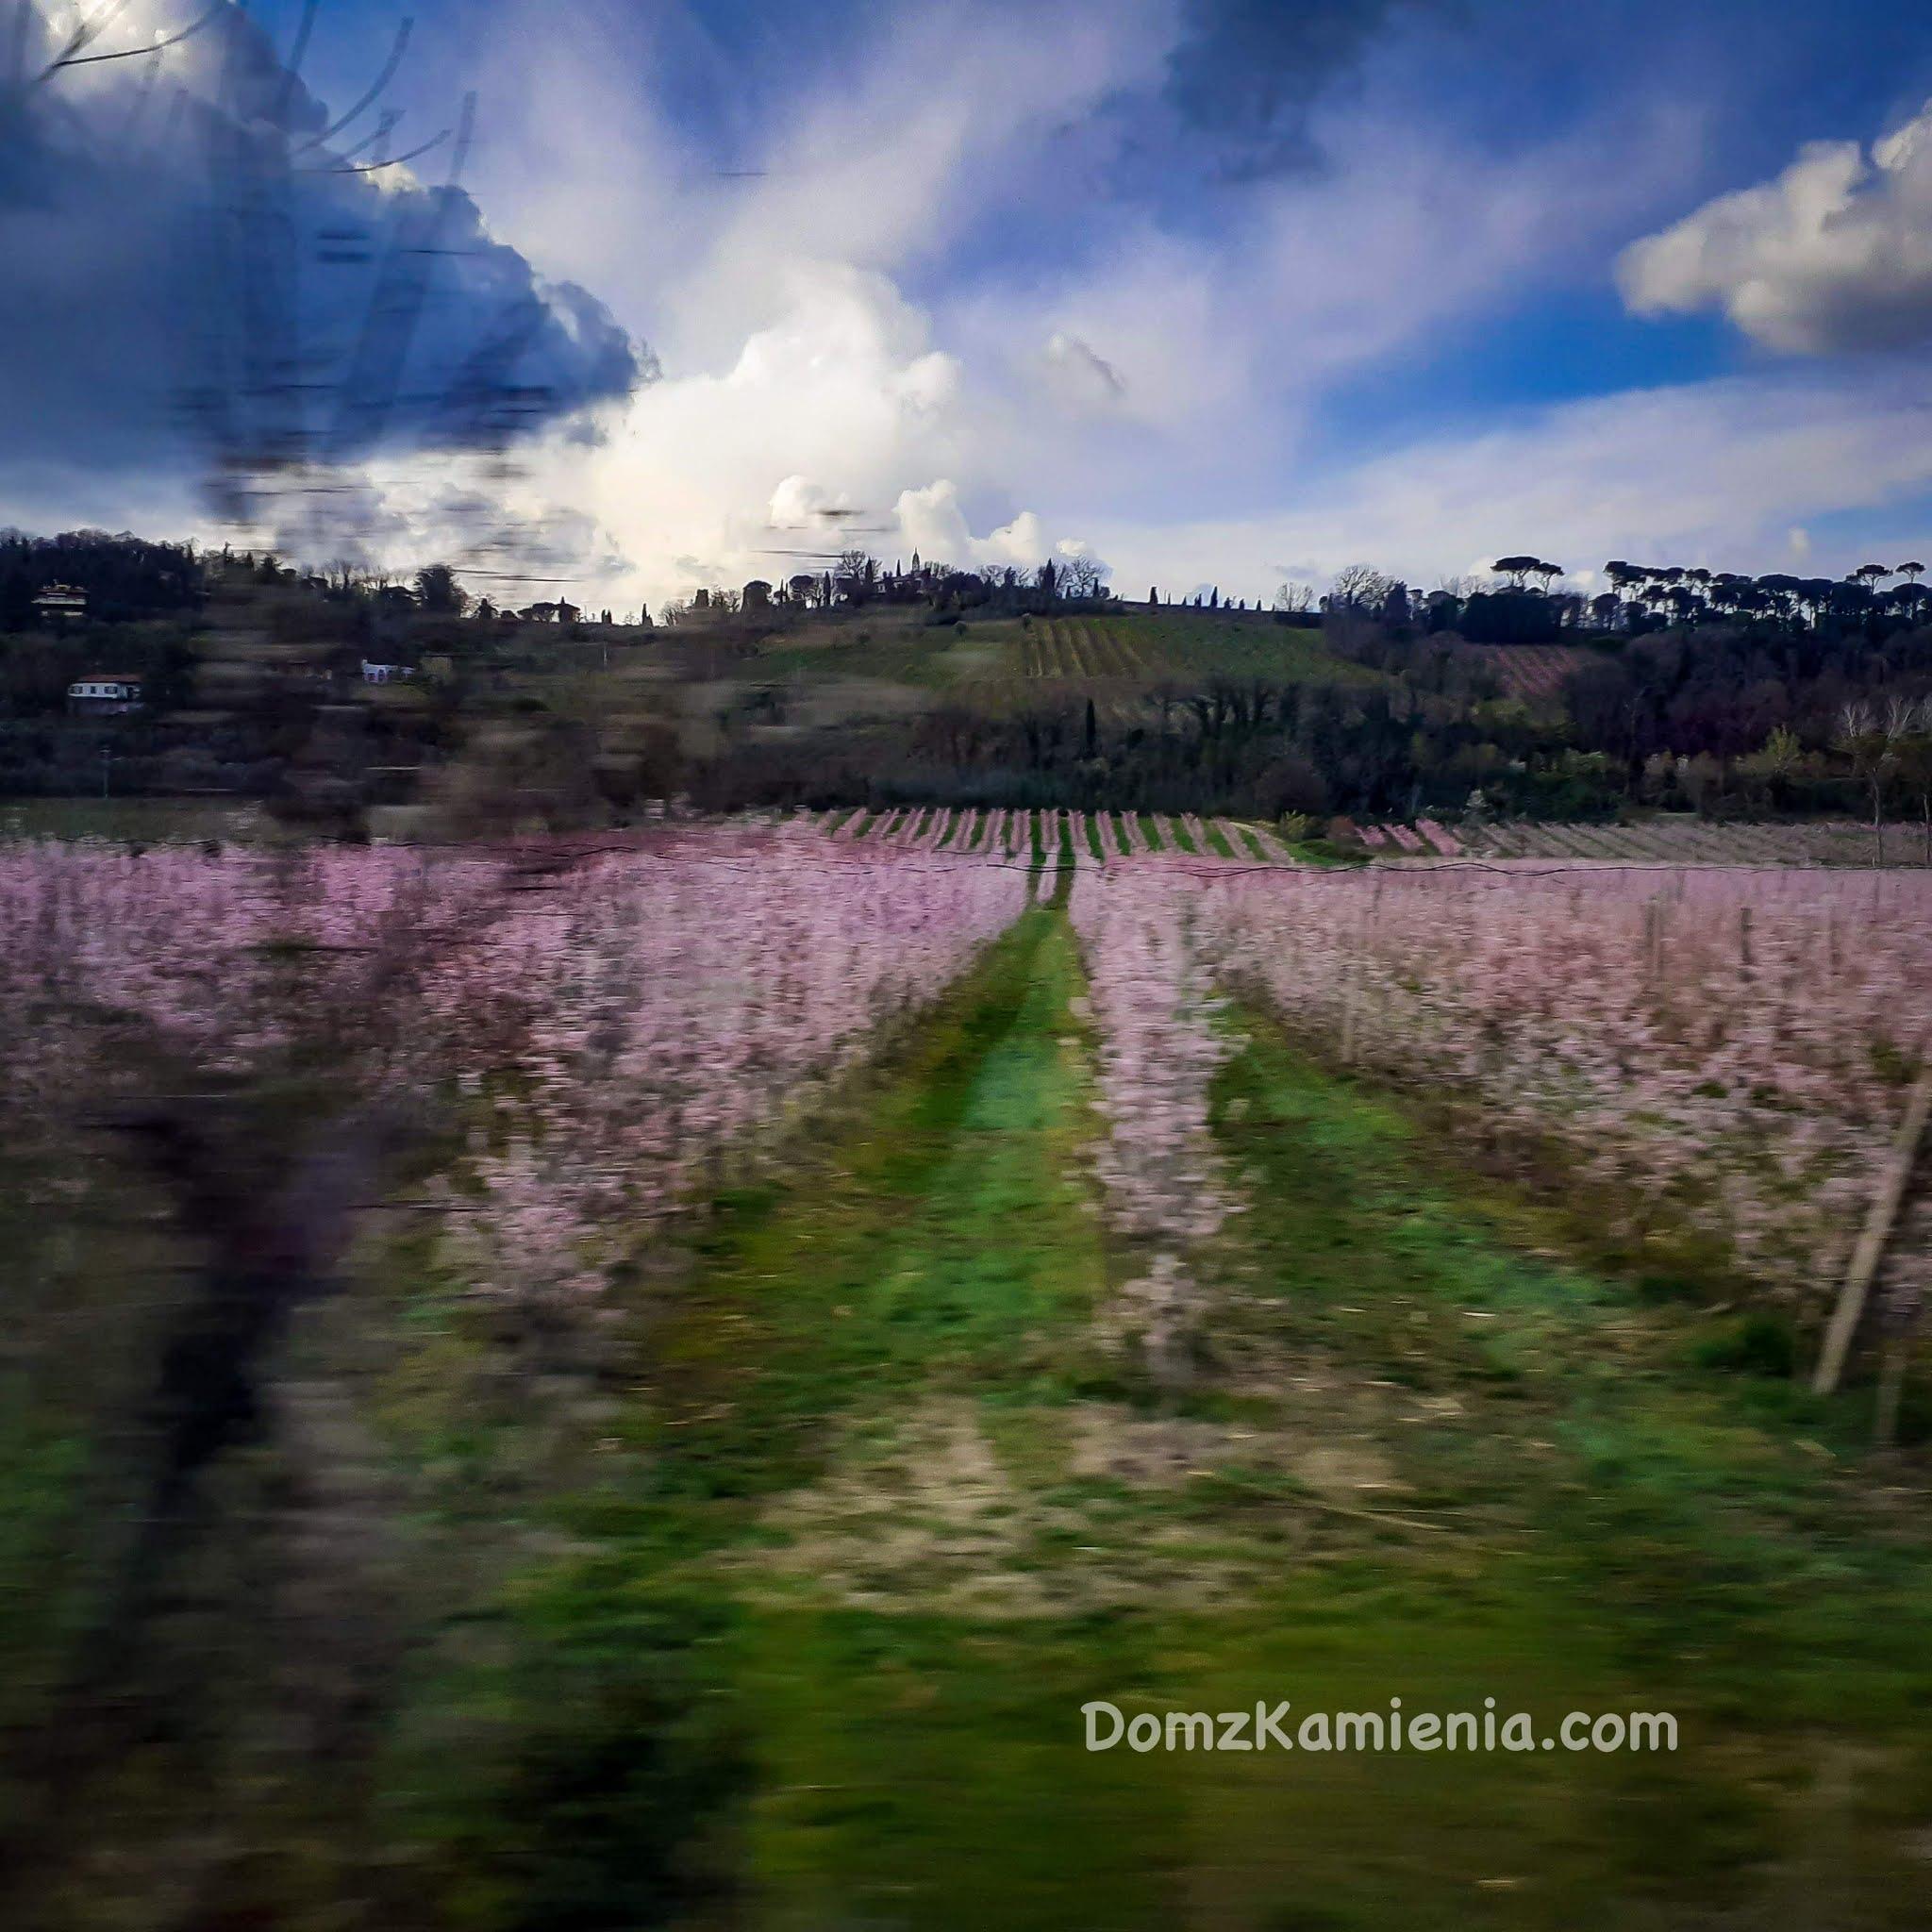 Faenza Dom z Kamienia, blog o życiu w Toskanii